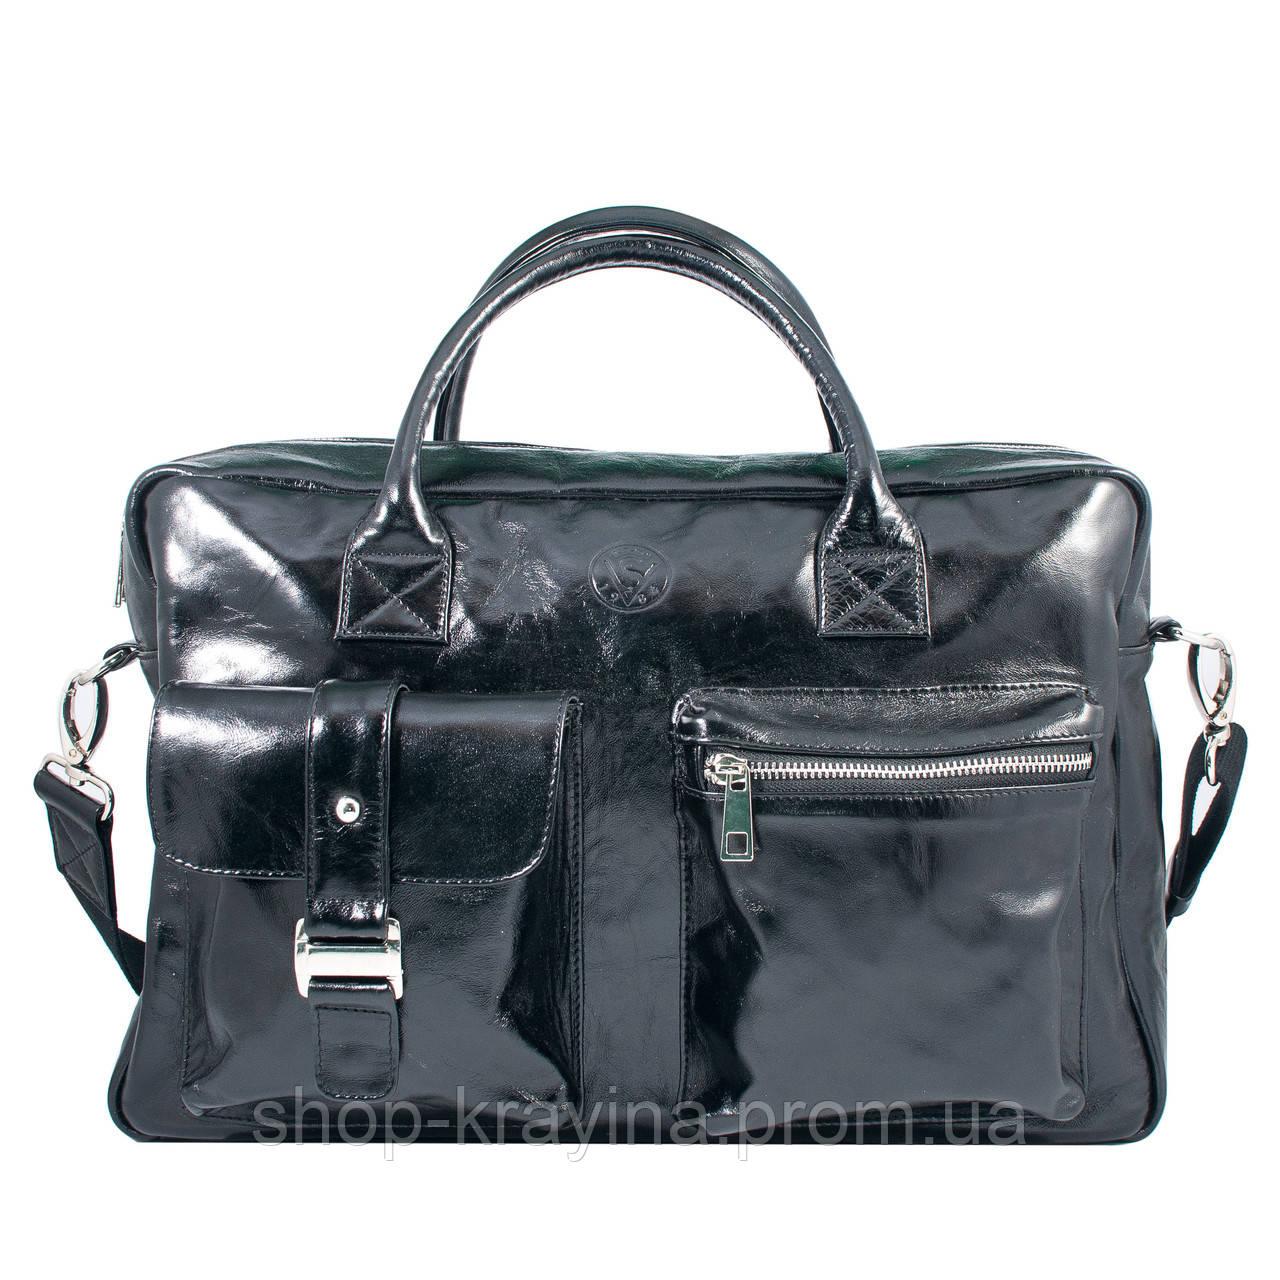 Кожаная сумка VS75  black 40х26х10 см